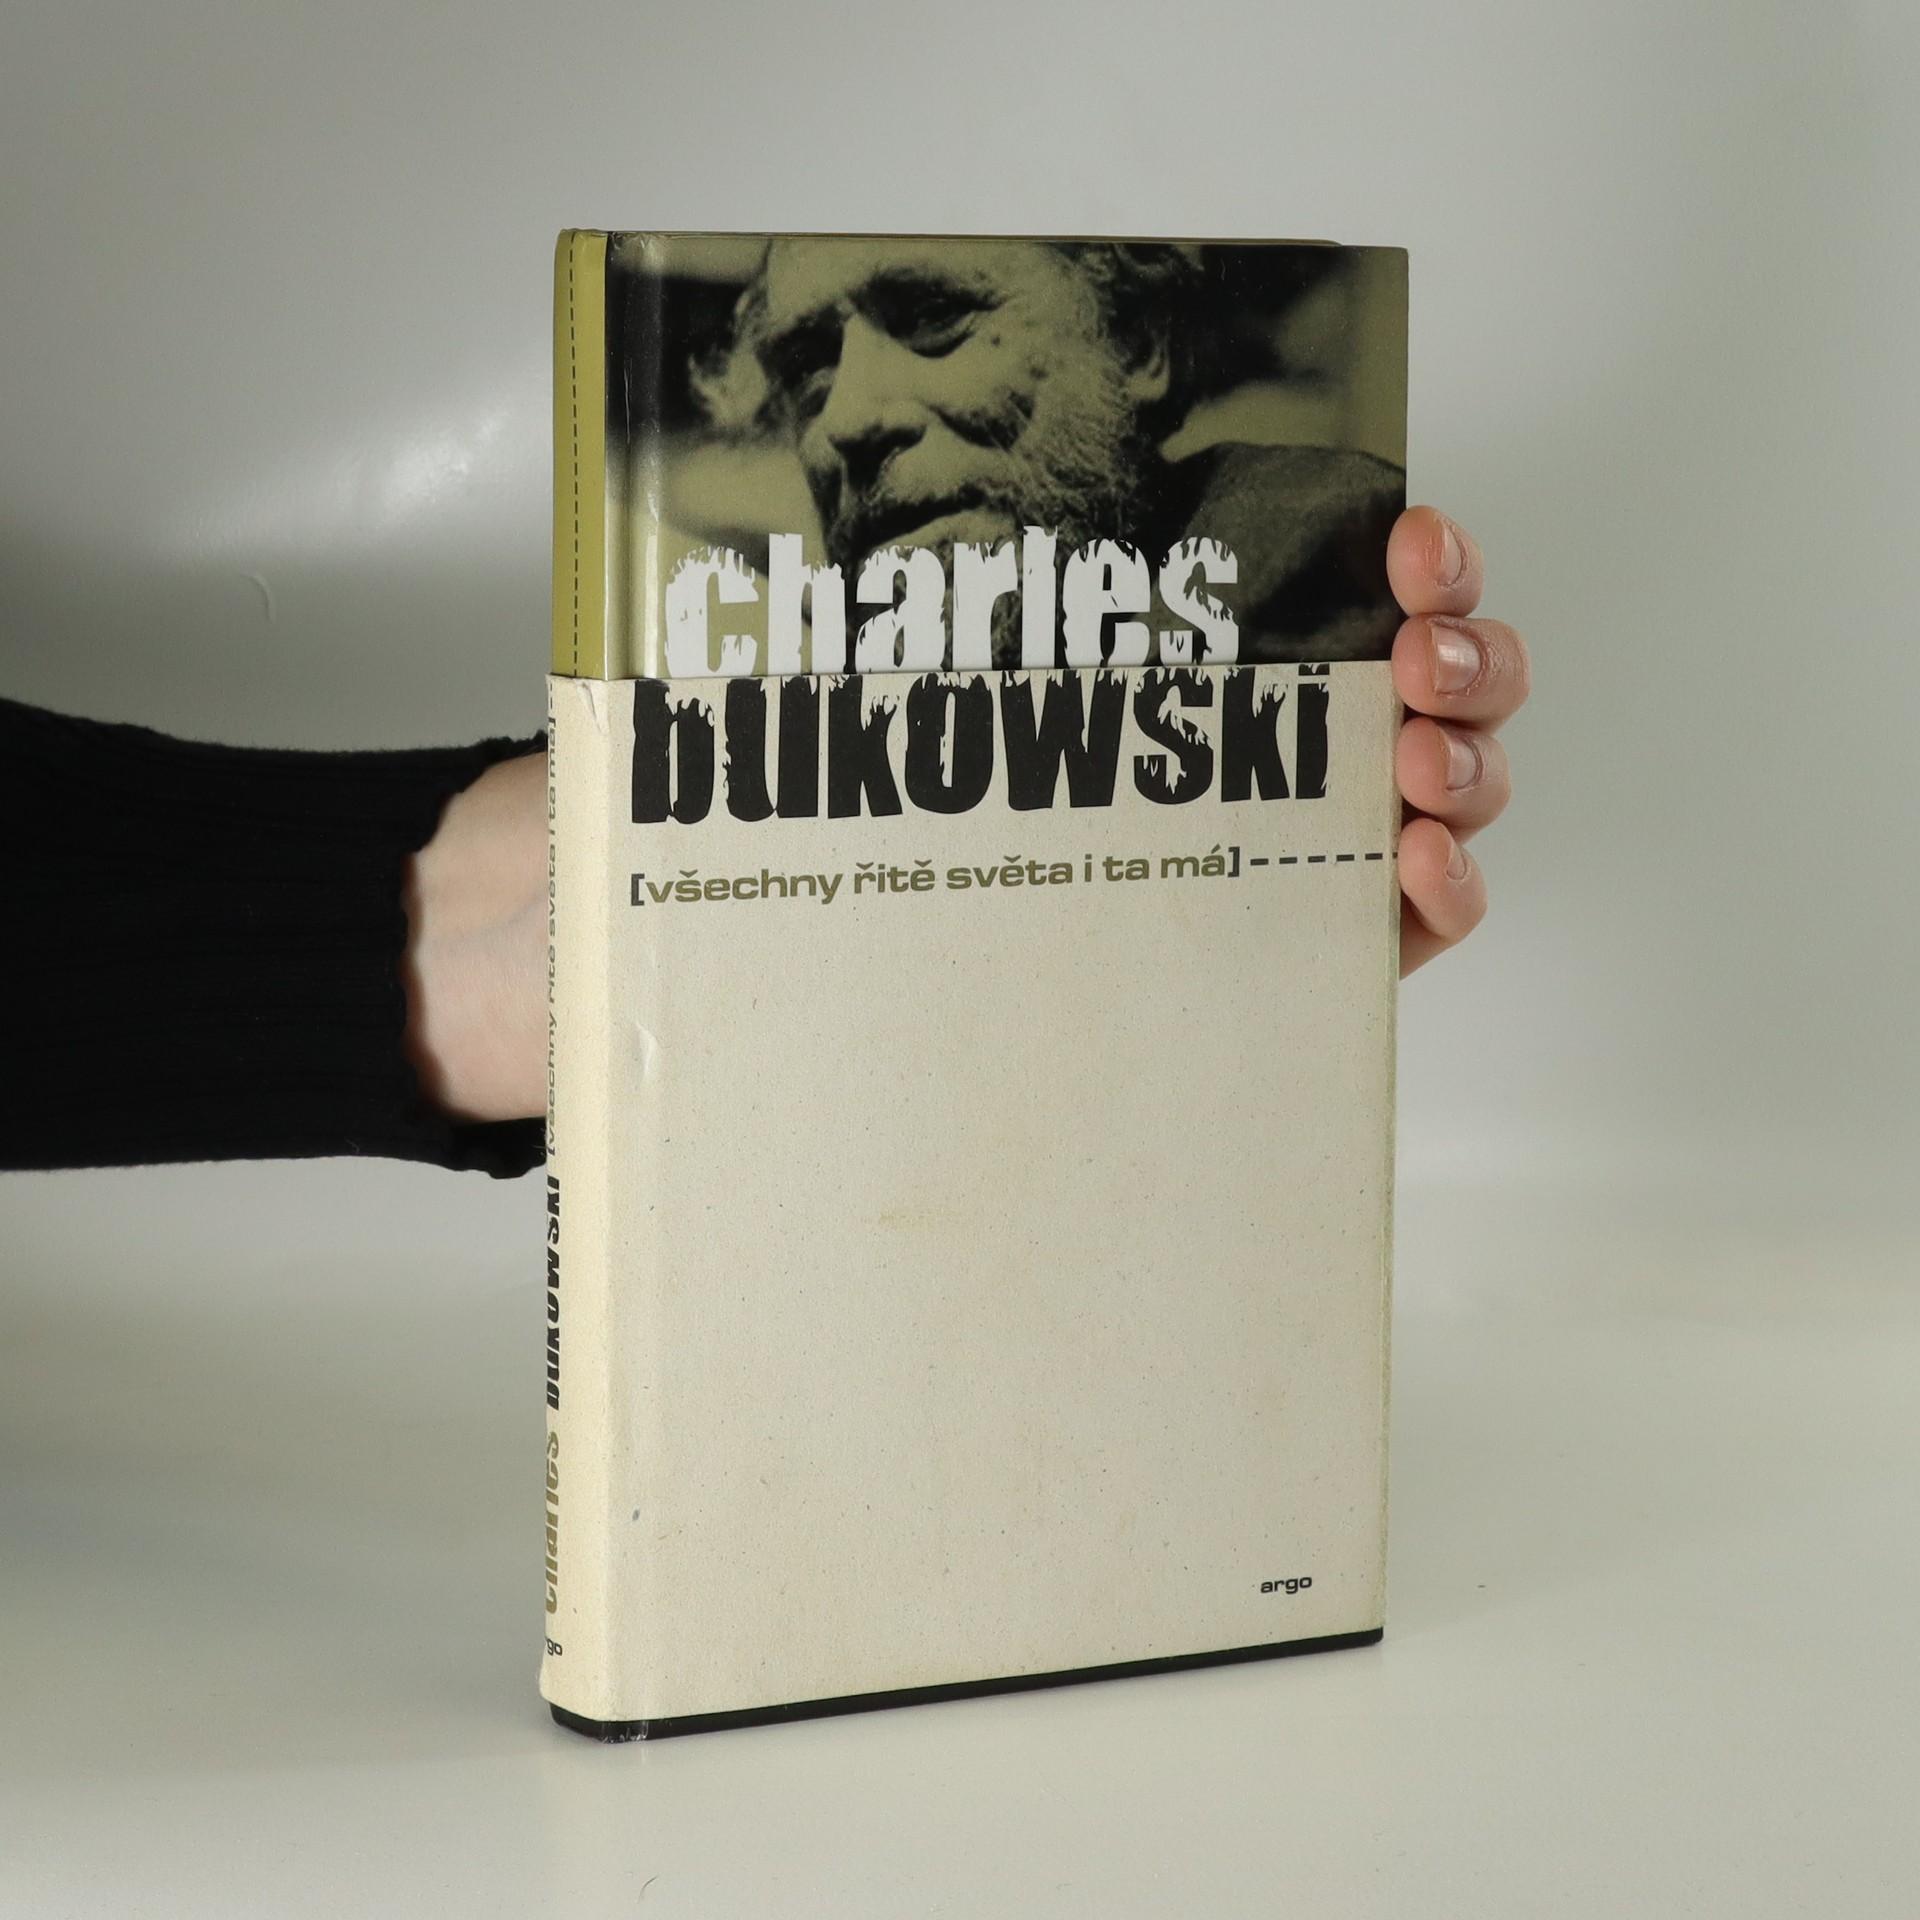 antikvární kniha Všechny řitě světa i ta má, 2013